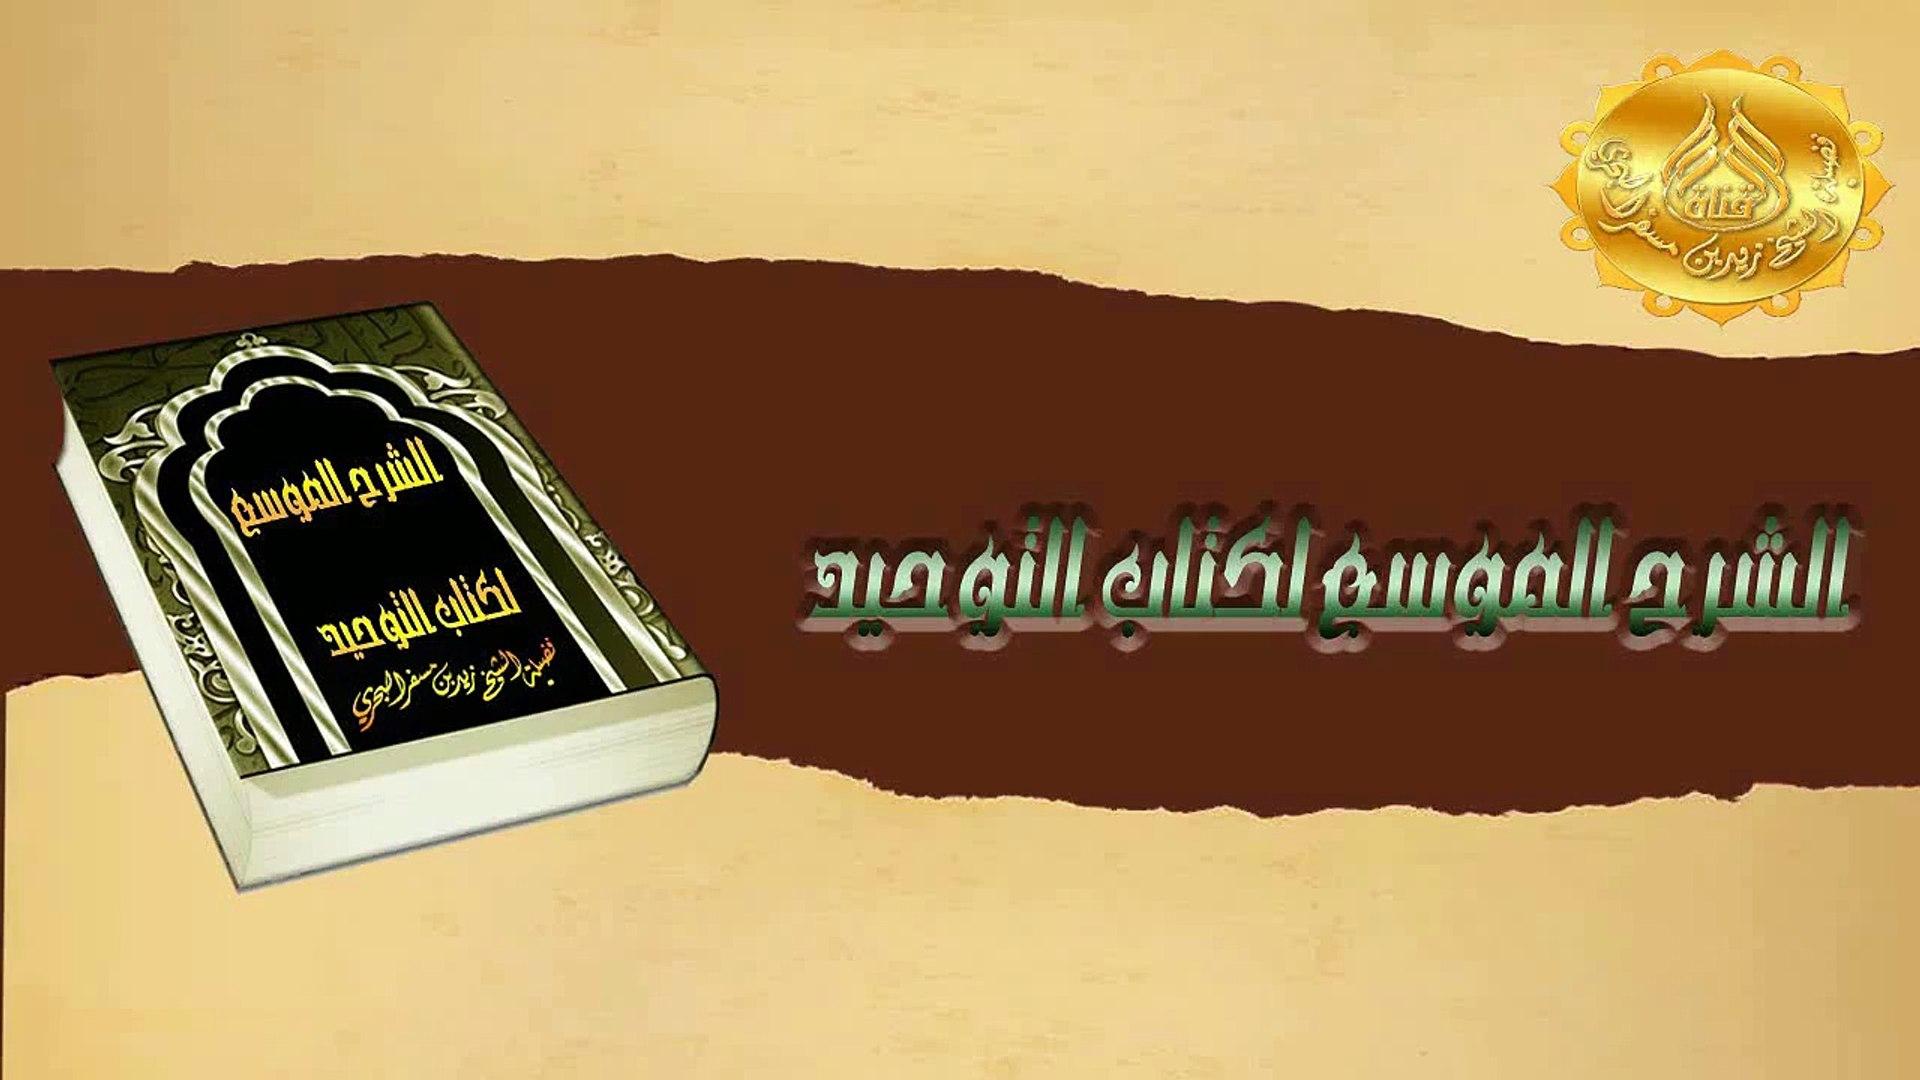 الشيخ زيد البحري هل وردت رواية  ( اتخذوا قبور أنبيائهم وصالحيهم مساجد ) ؟